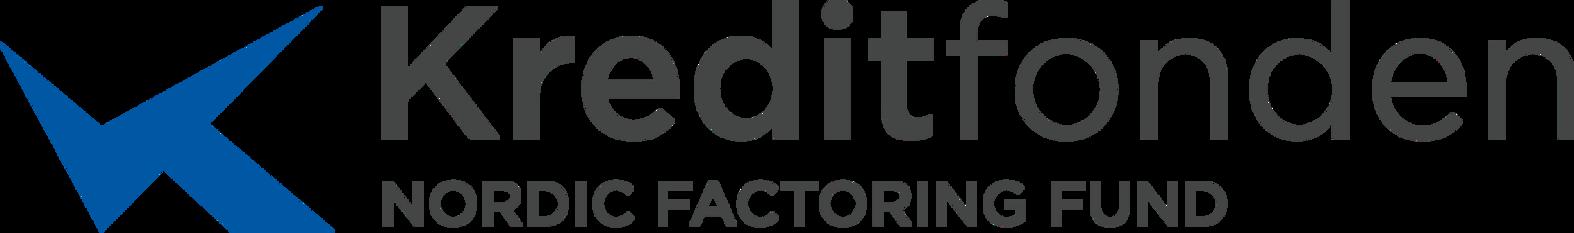 Nordic Factoring Fund AB